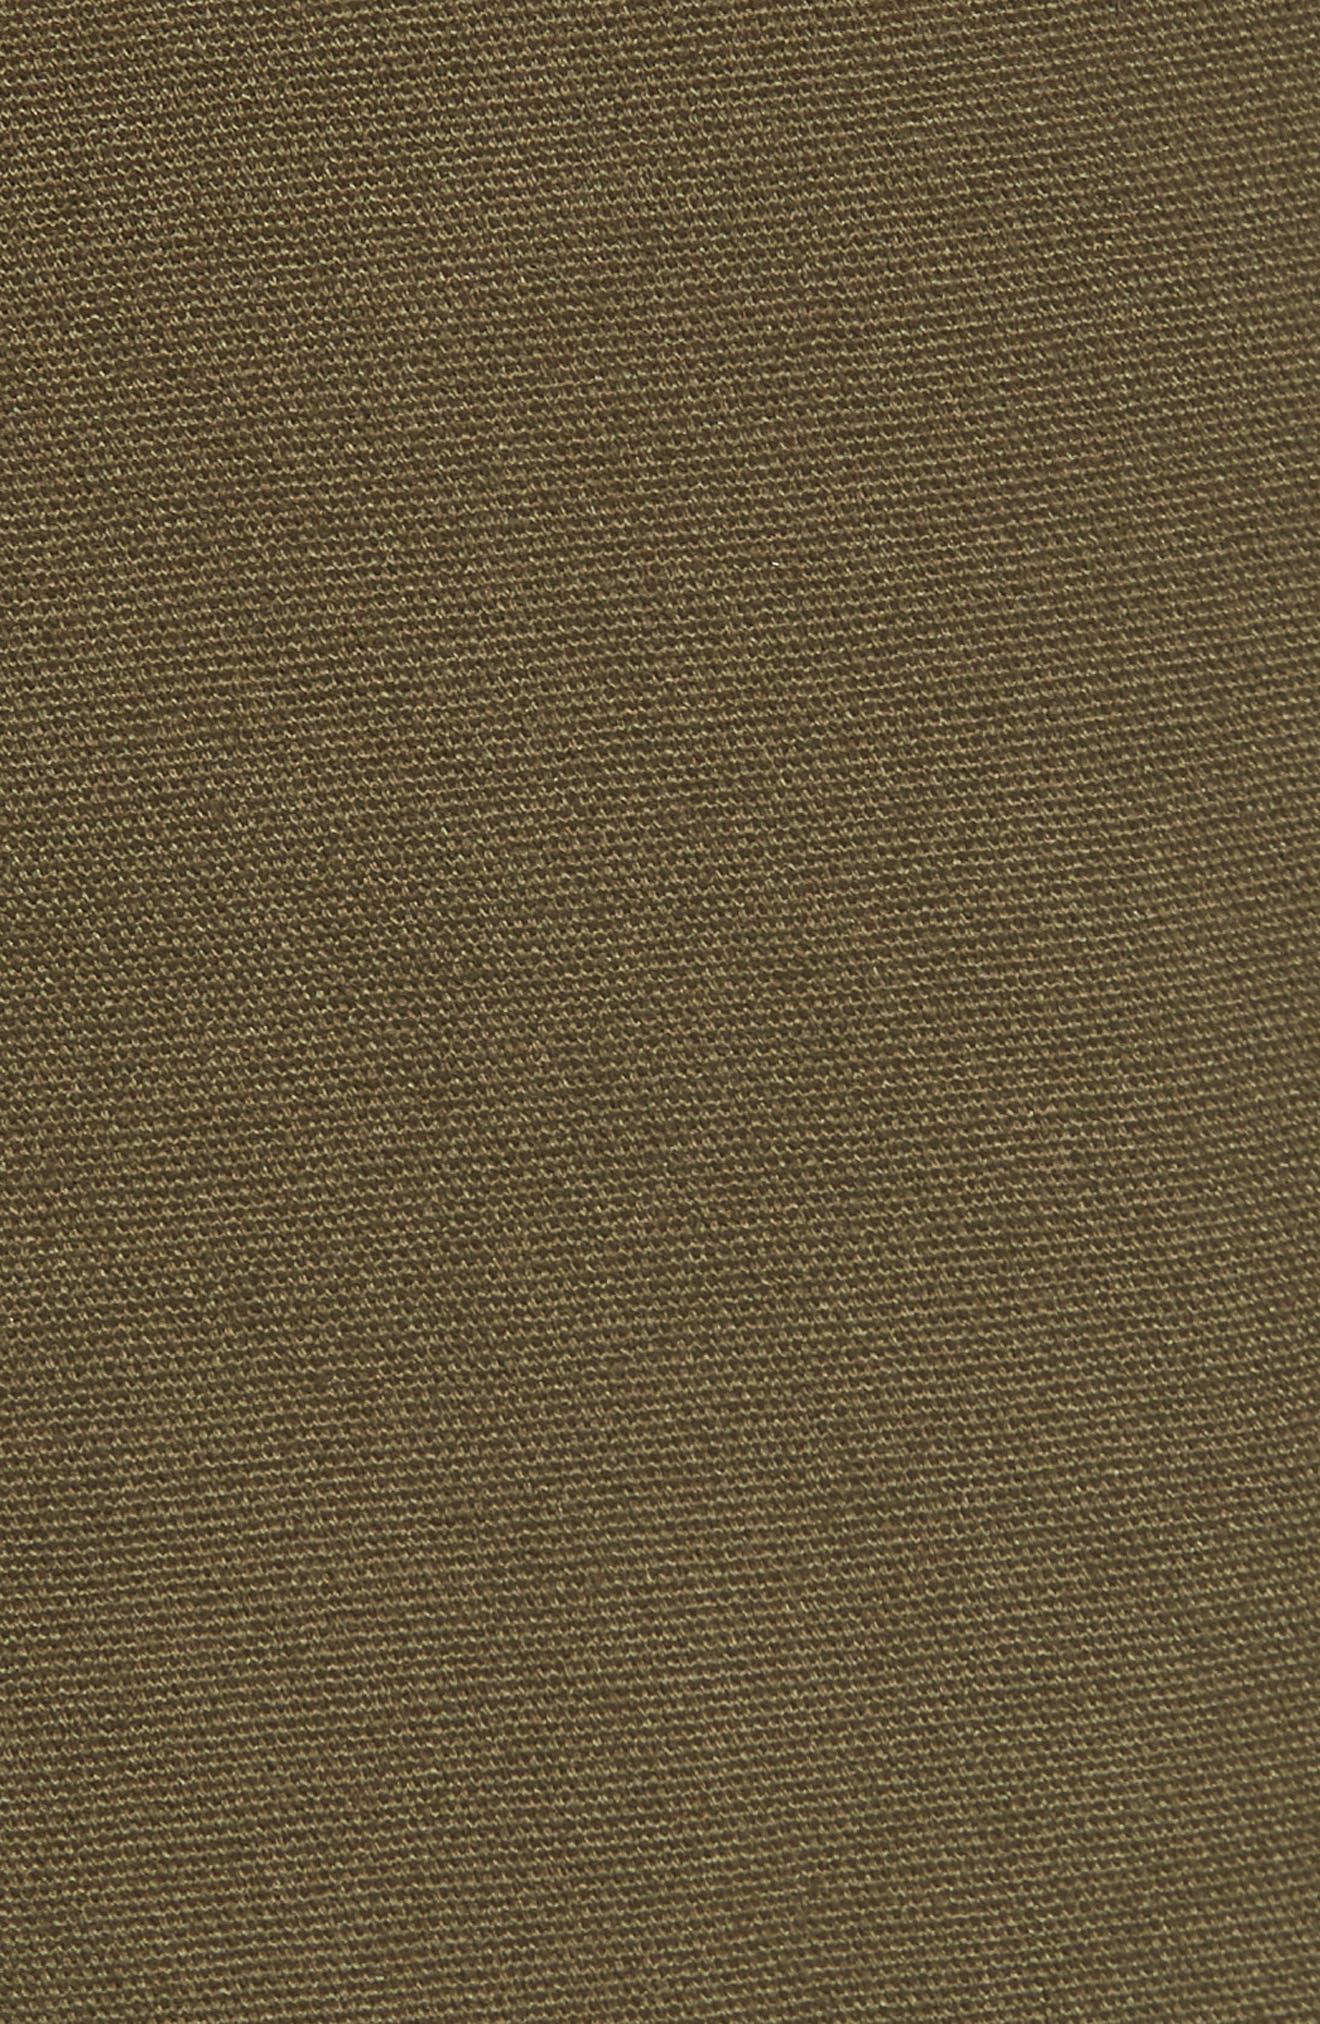 Collins Canvas Shorts,                             Alternate thumbnail 10, color,